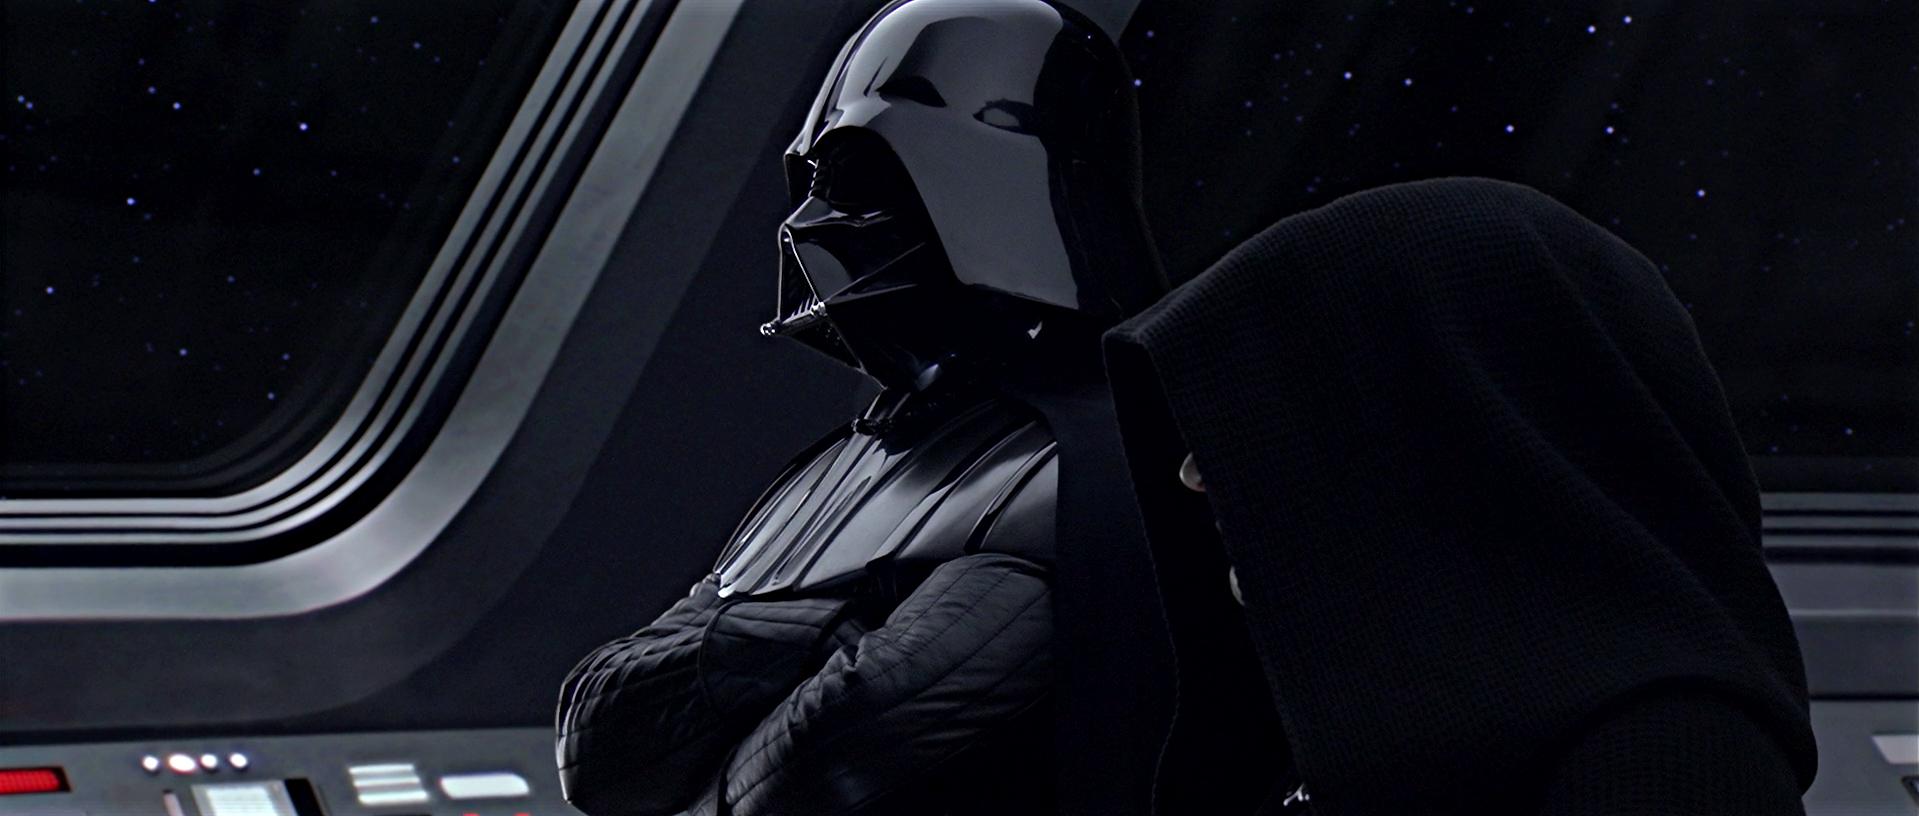 Vader_Sidious.png